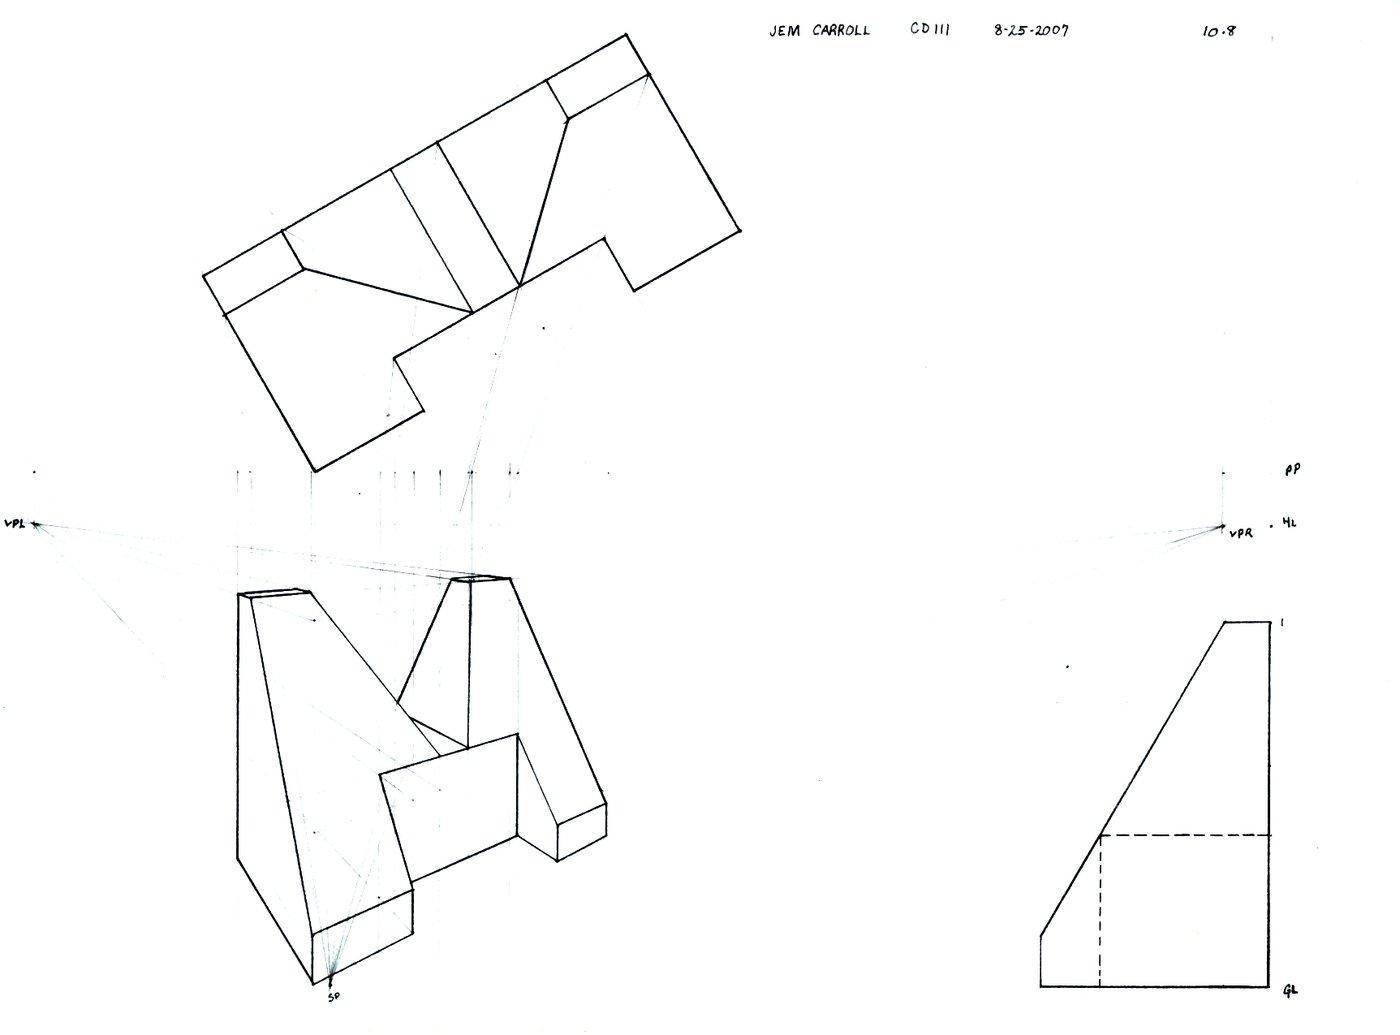 Manual Drafting by Jem Carroll at Coroflot.com